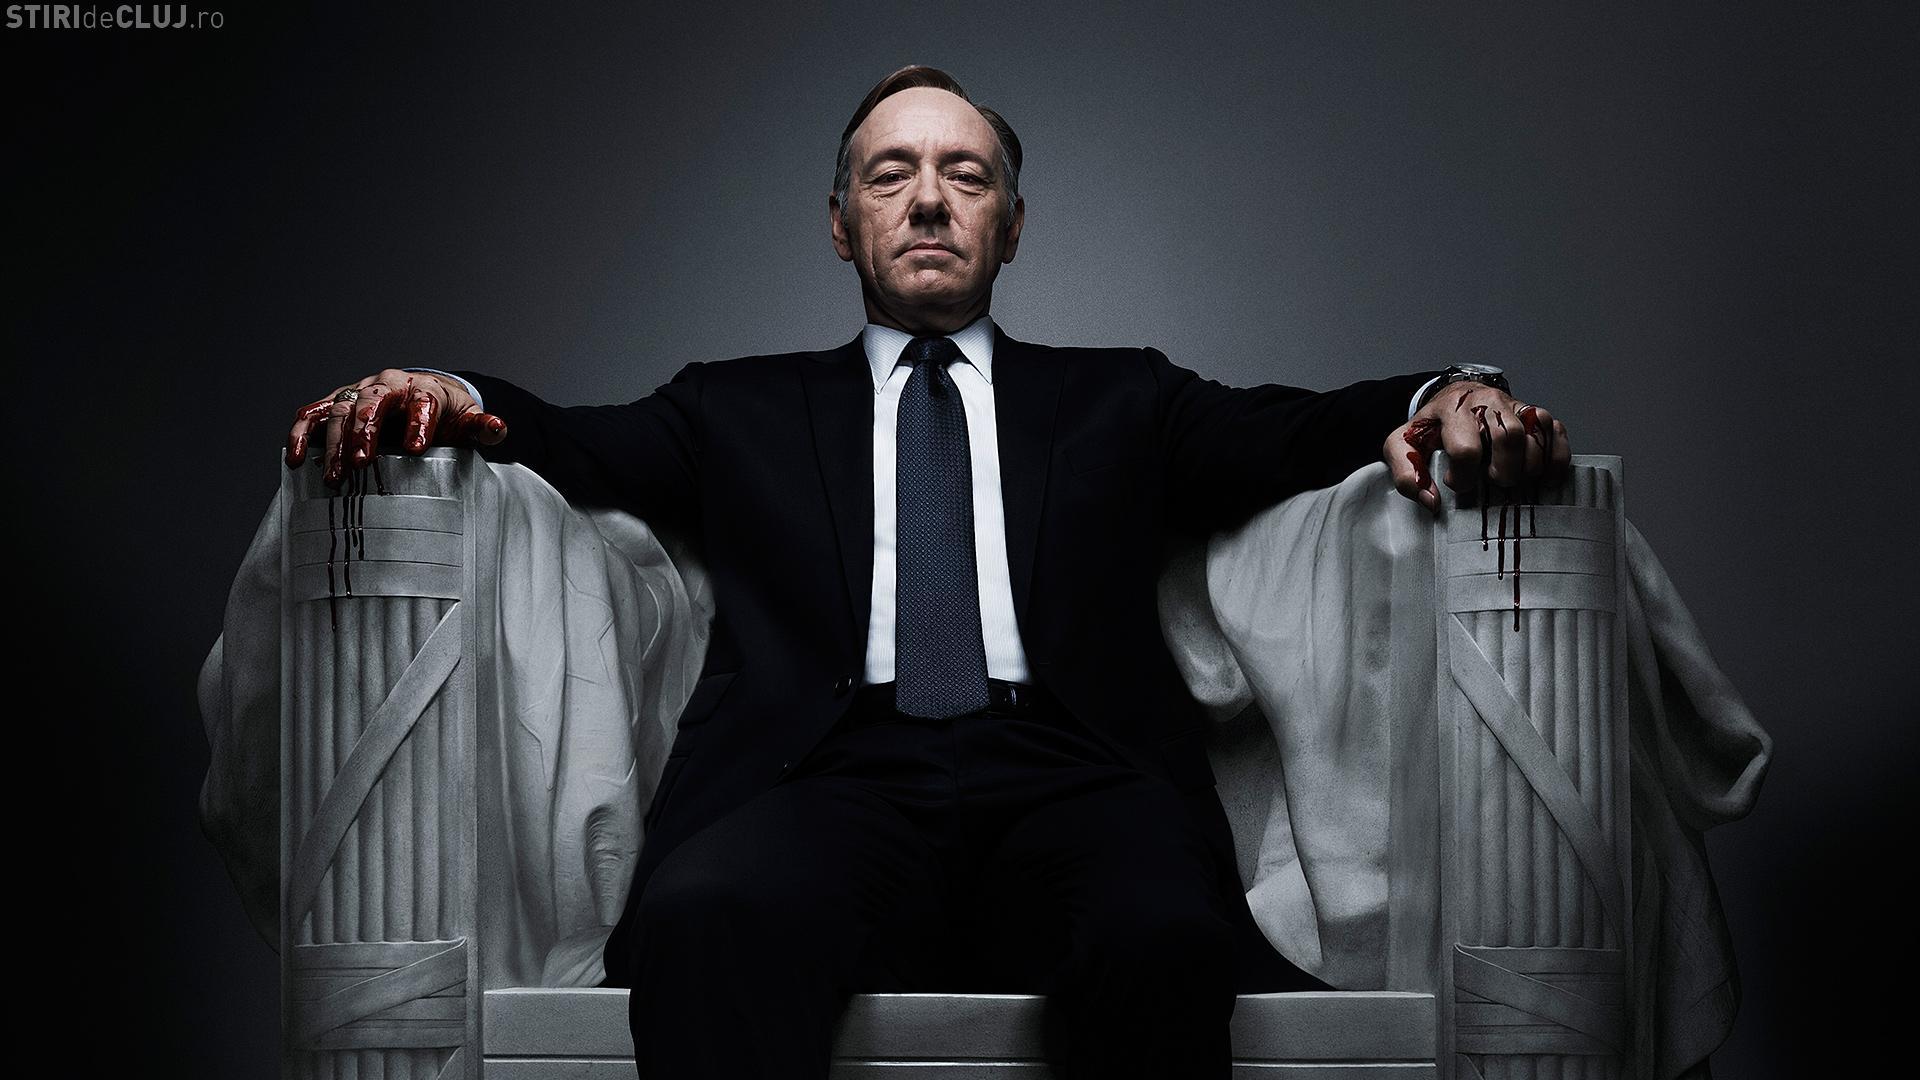 """Serialul """"House of Cards"""", anulat. Kevin Spacey e acuzat de avansuri sexuale făcute unui minor"""